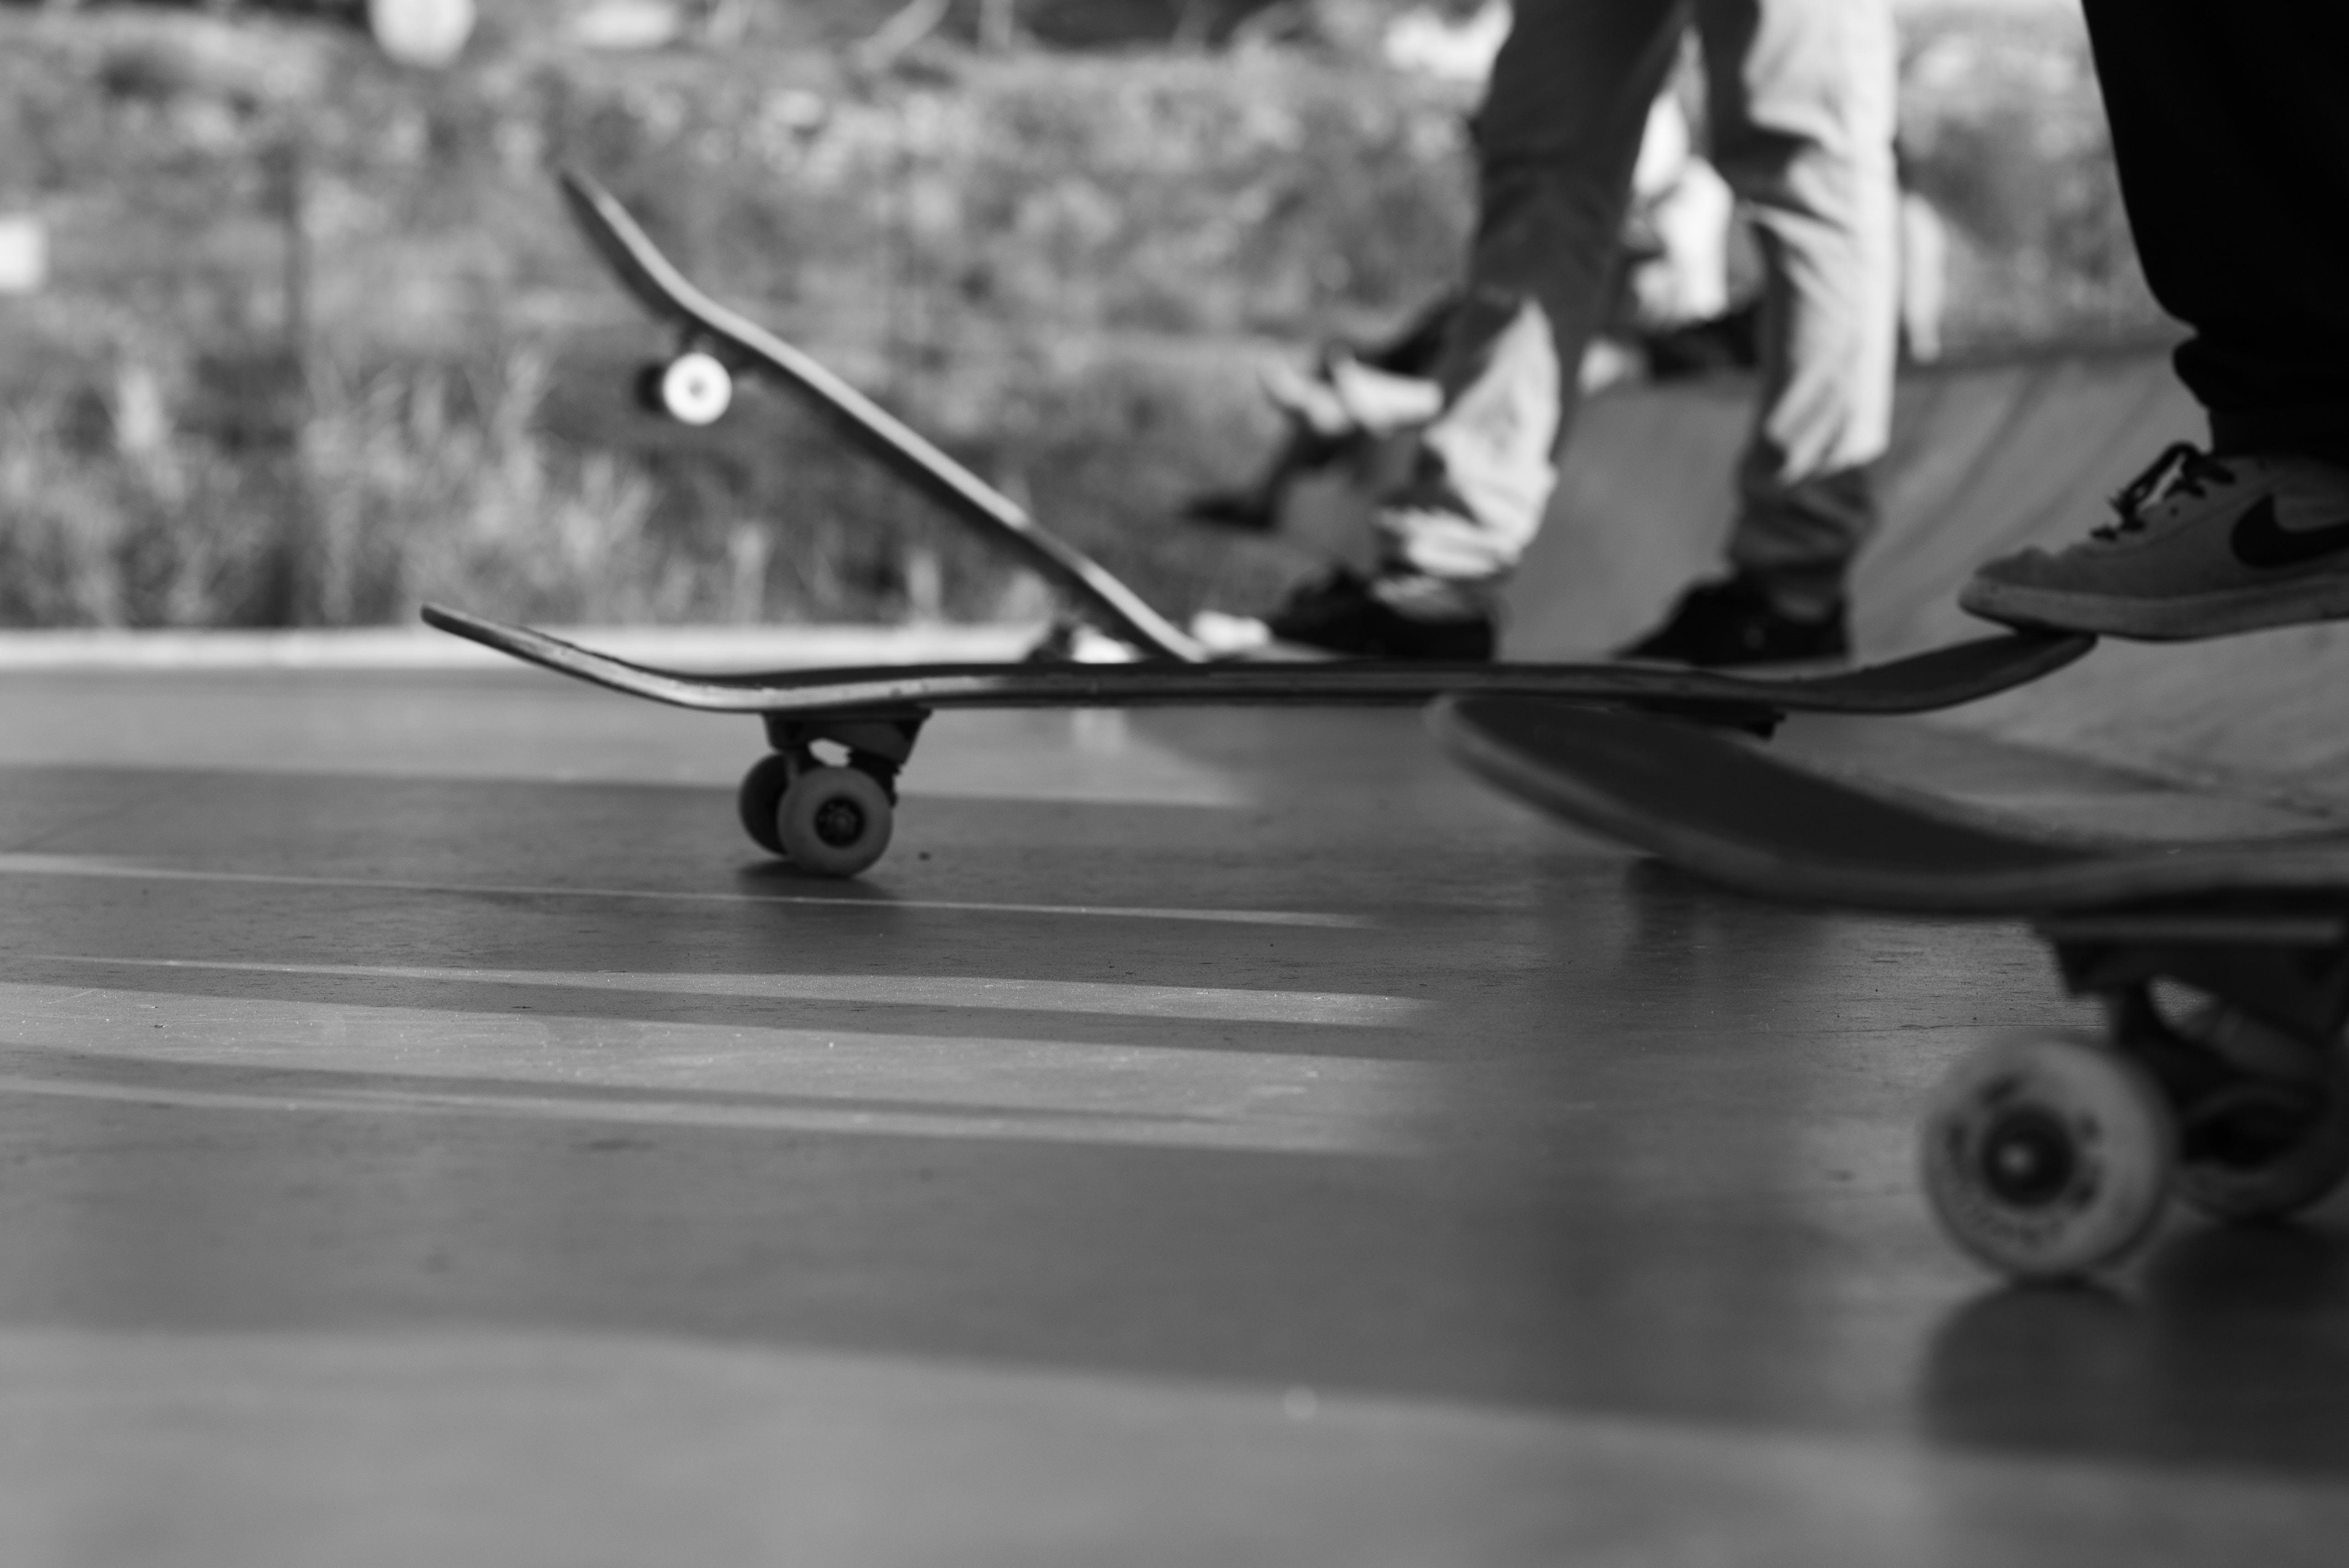 Free stock photo of skateboard, skateboards, skating